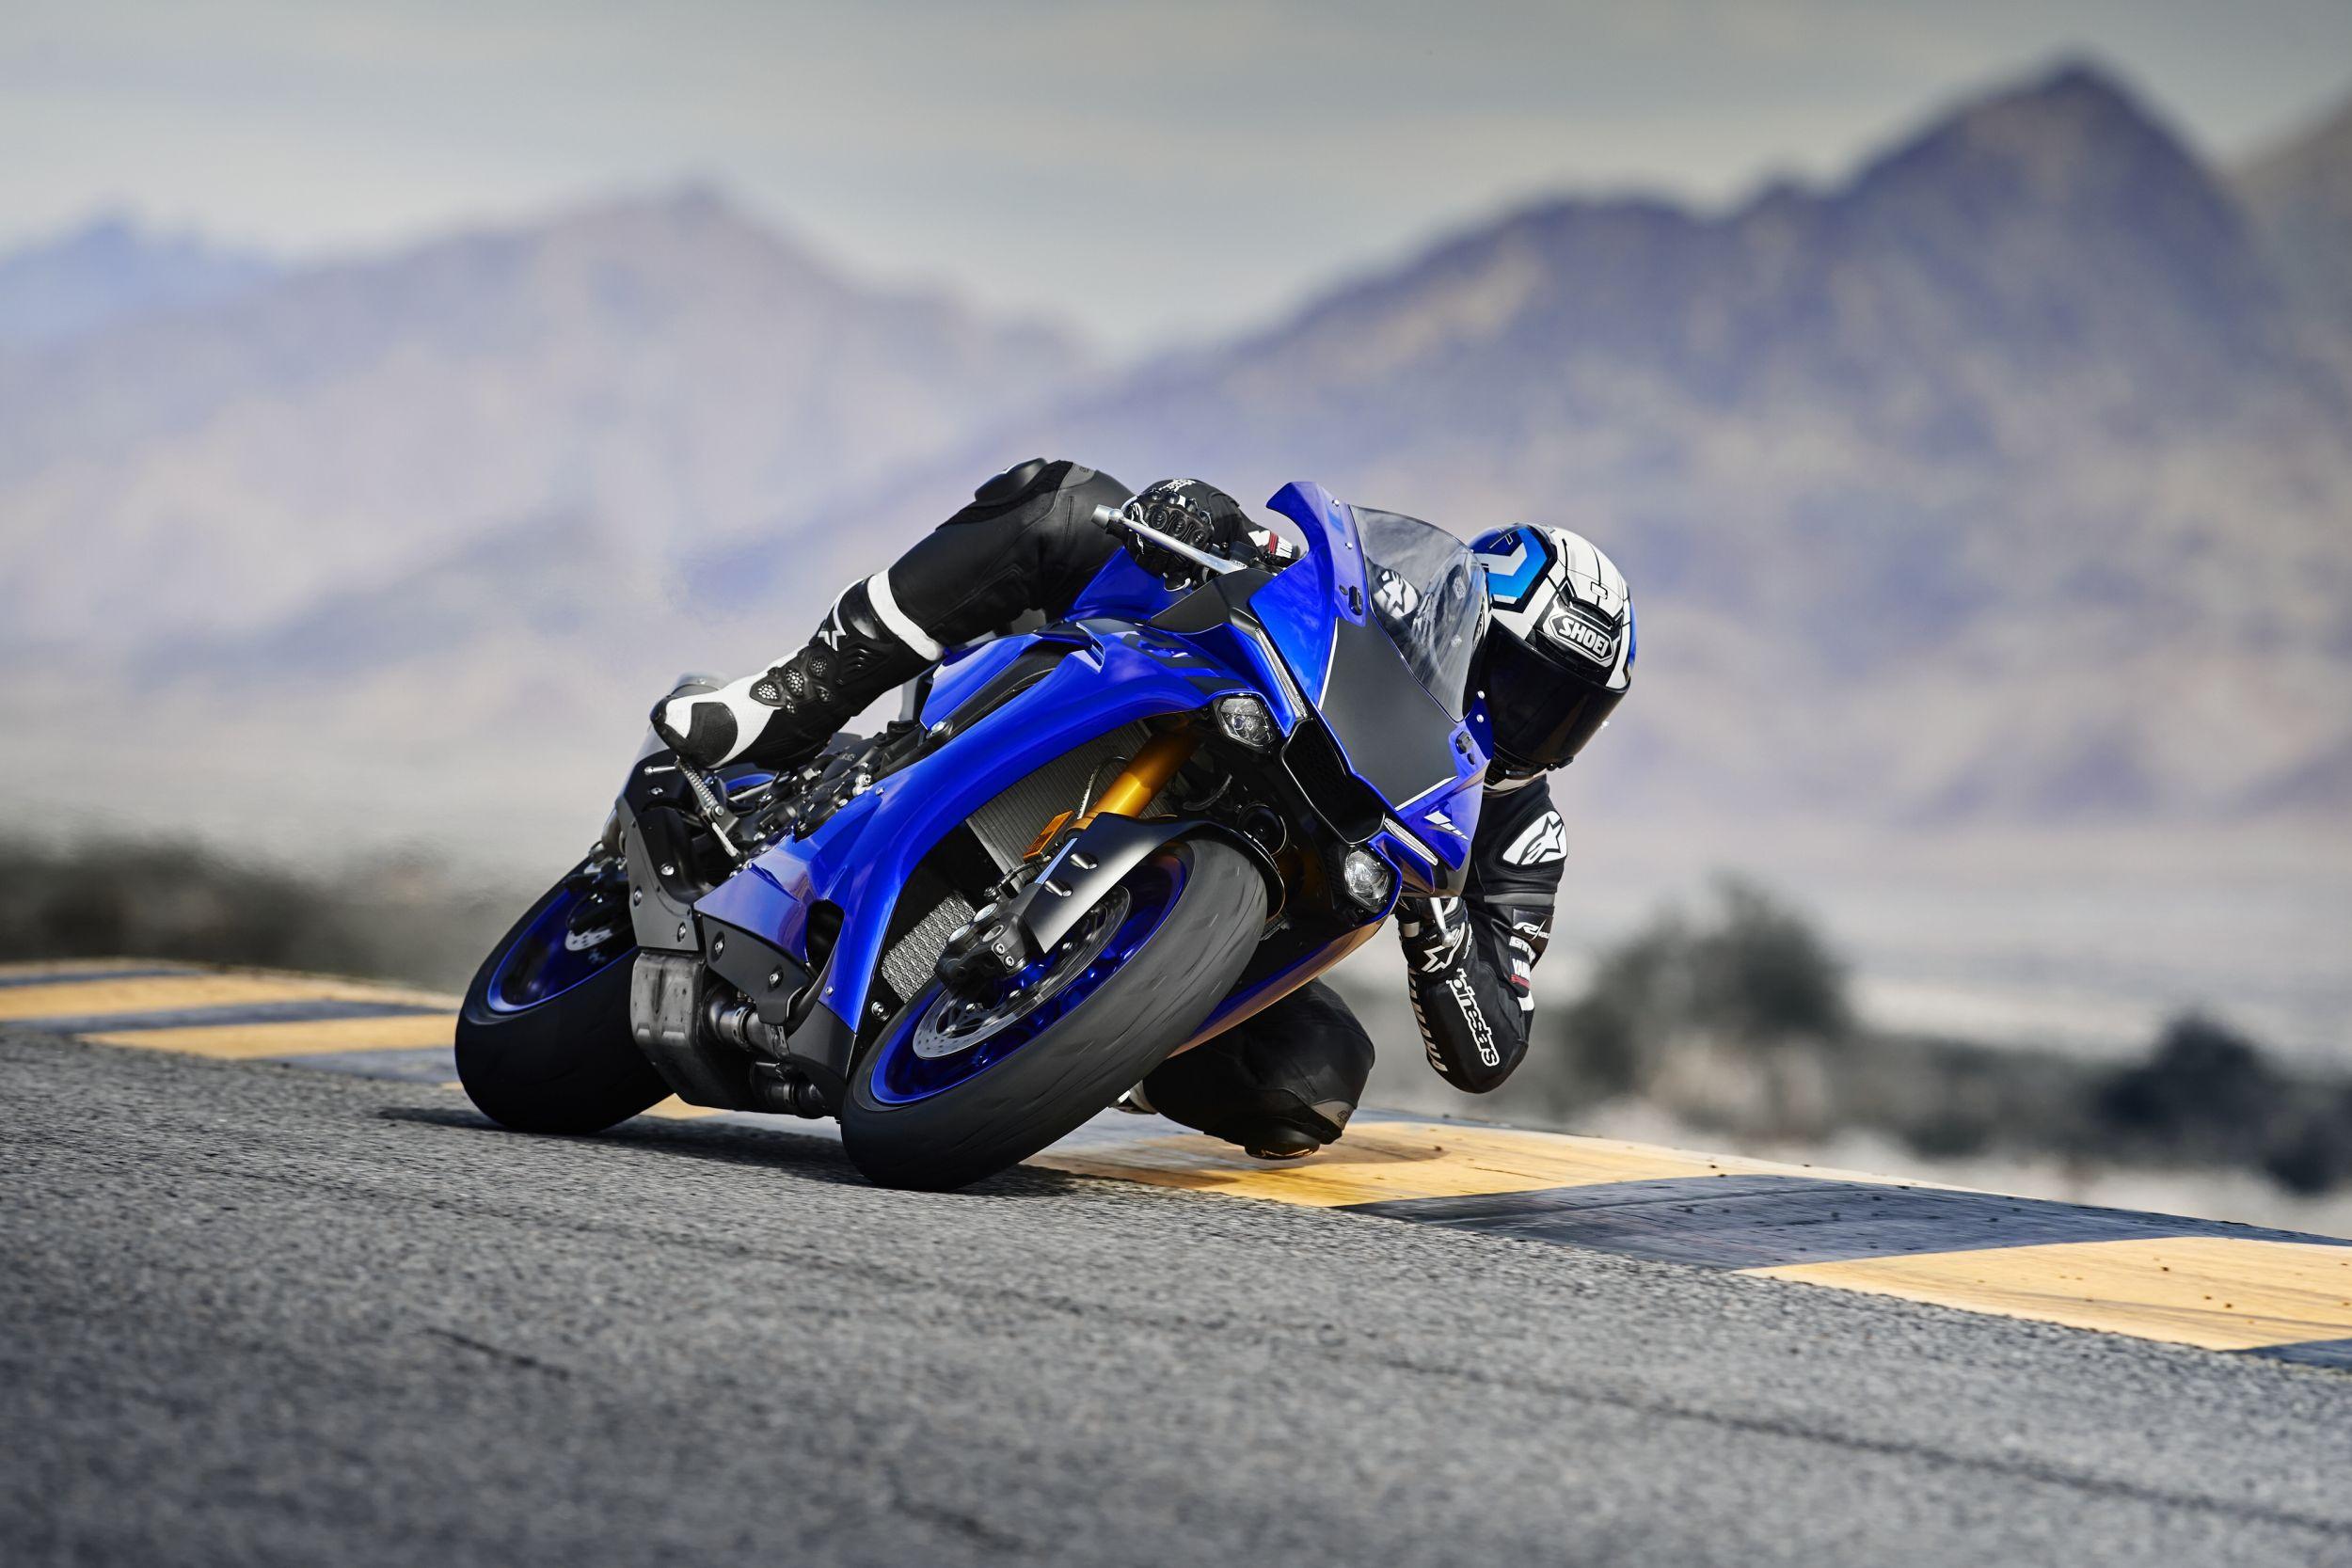 Yamaha YZF-R1 - Test, Gebrauchte, Bilder, technische Daten